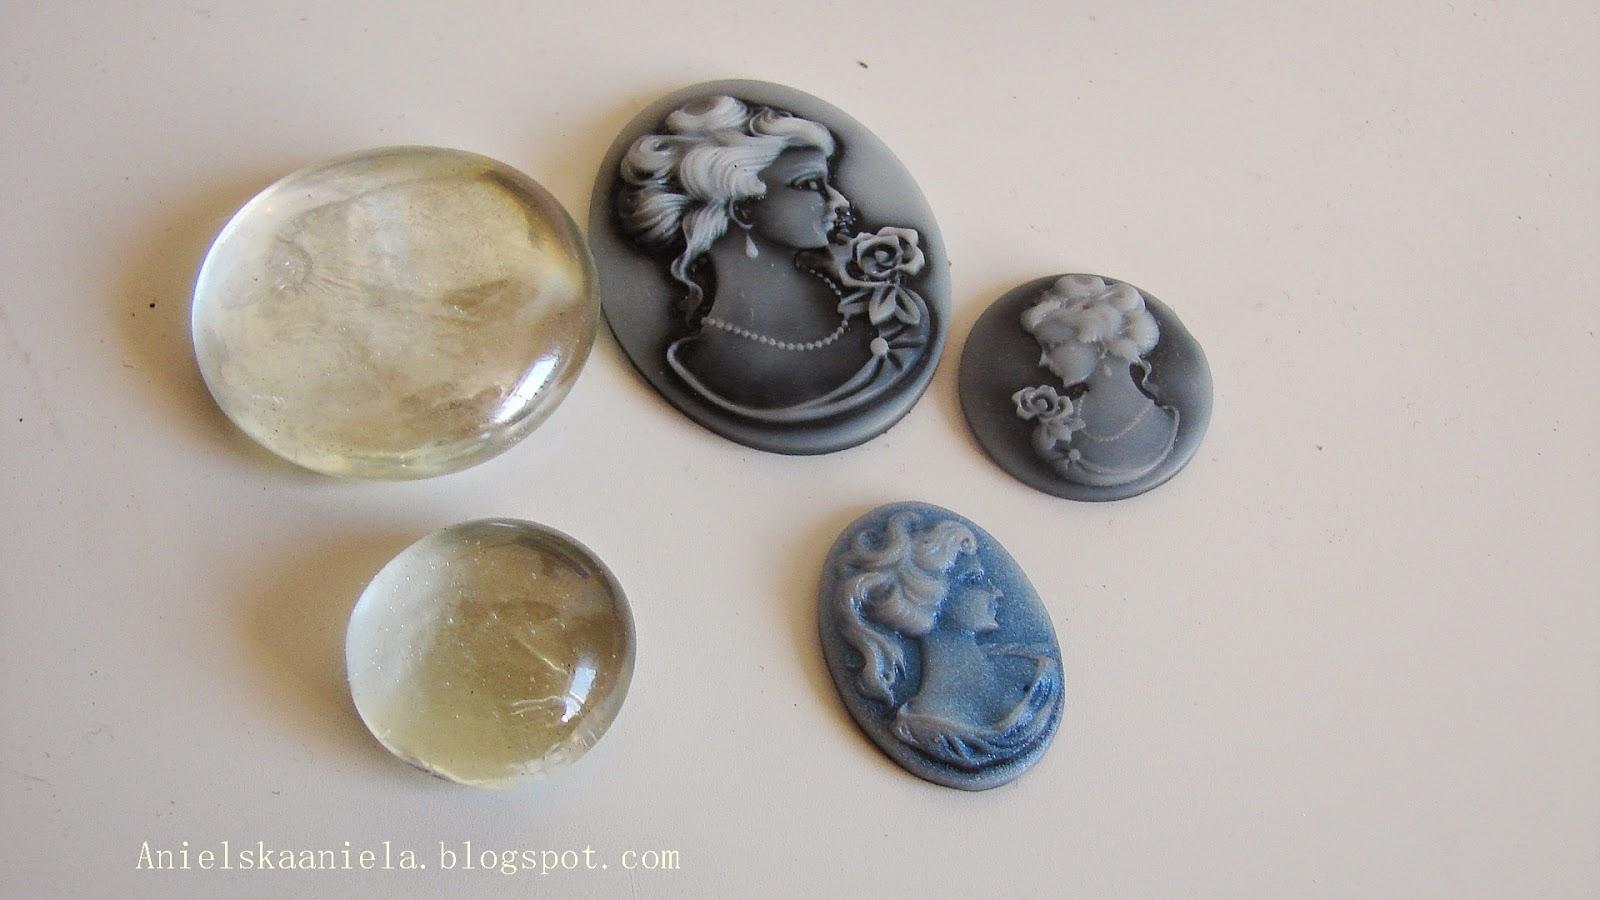 DIY TUTORIAL silicone mold jak zrobić silikonową formę foremka silikonowa diy cameo kamea diy